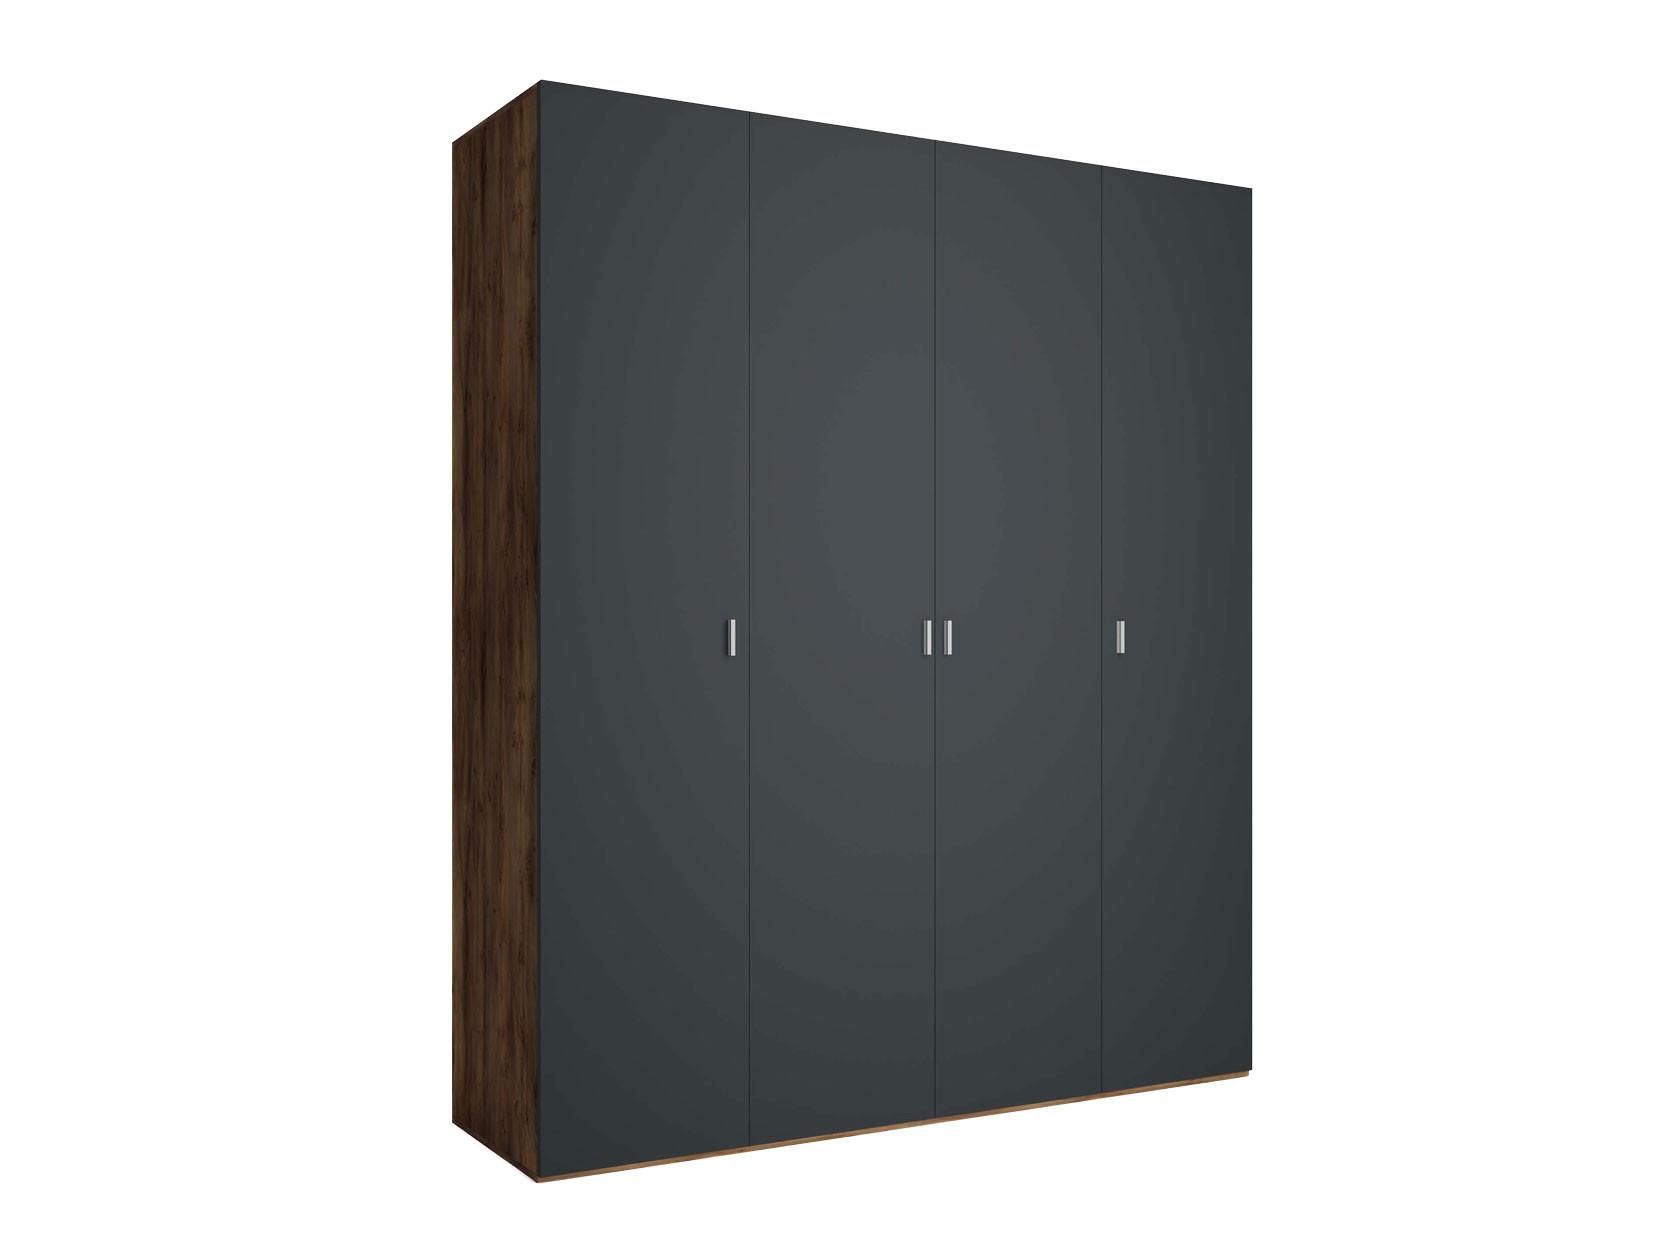 Распашной шкаф  4-х дверный Вега Бавария Антрацит, Без зеркала, топа-накладки КУРАЖ 104982